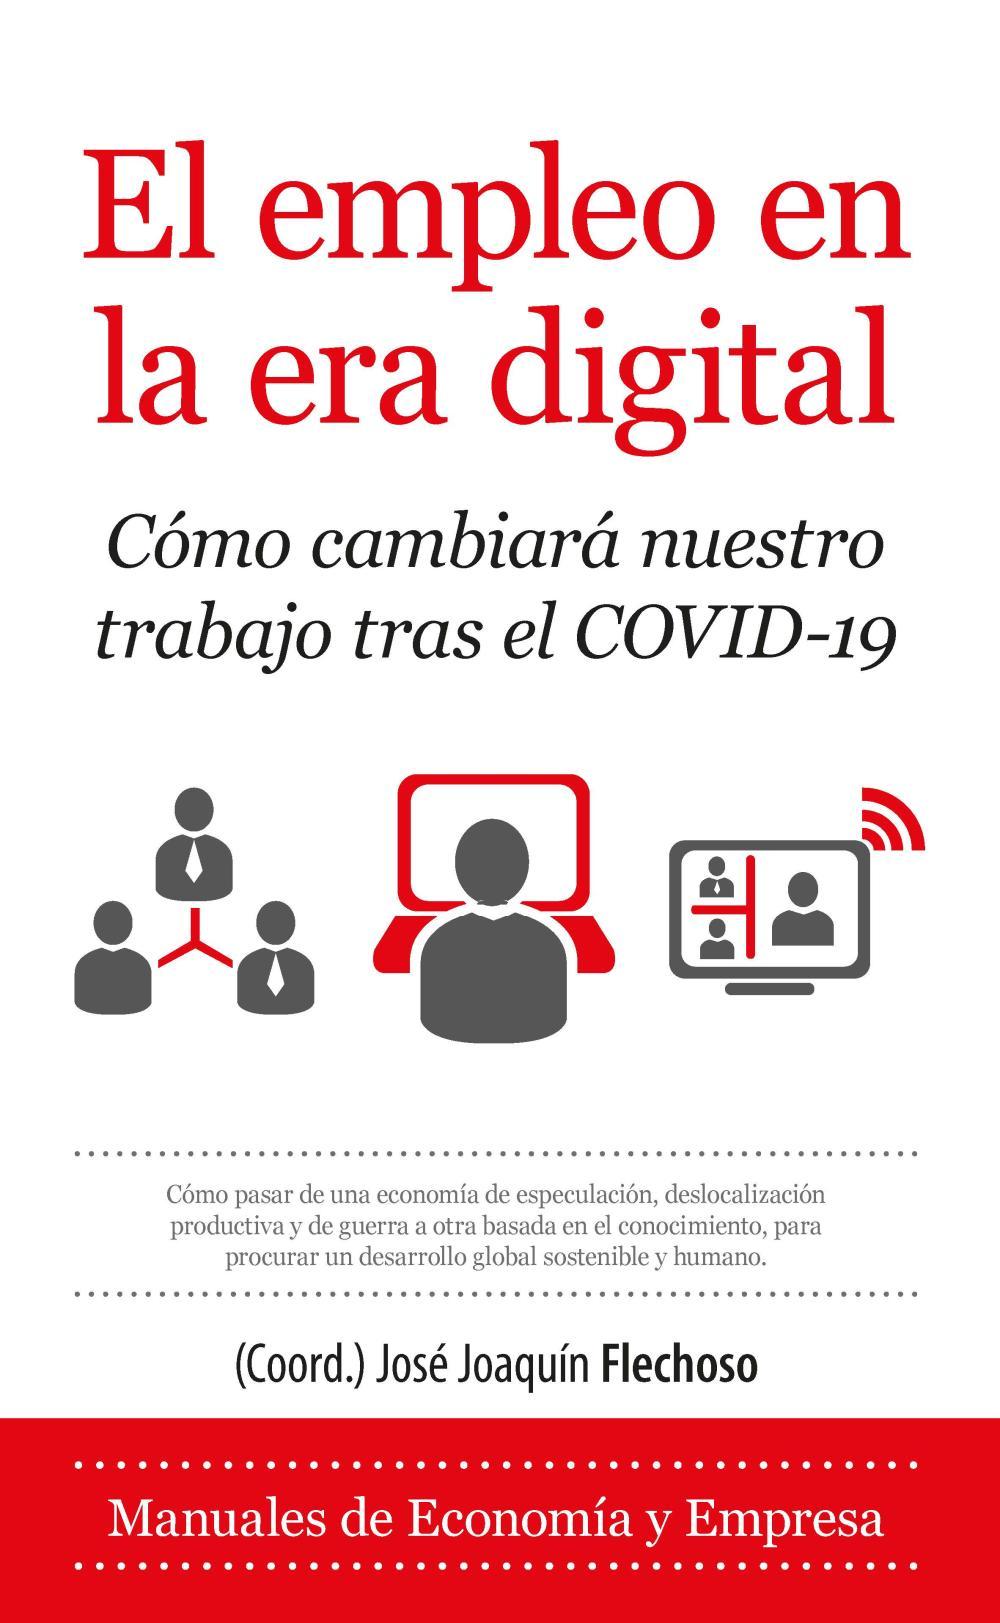 El empleo en la era digital